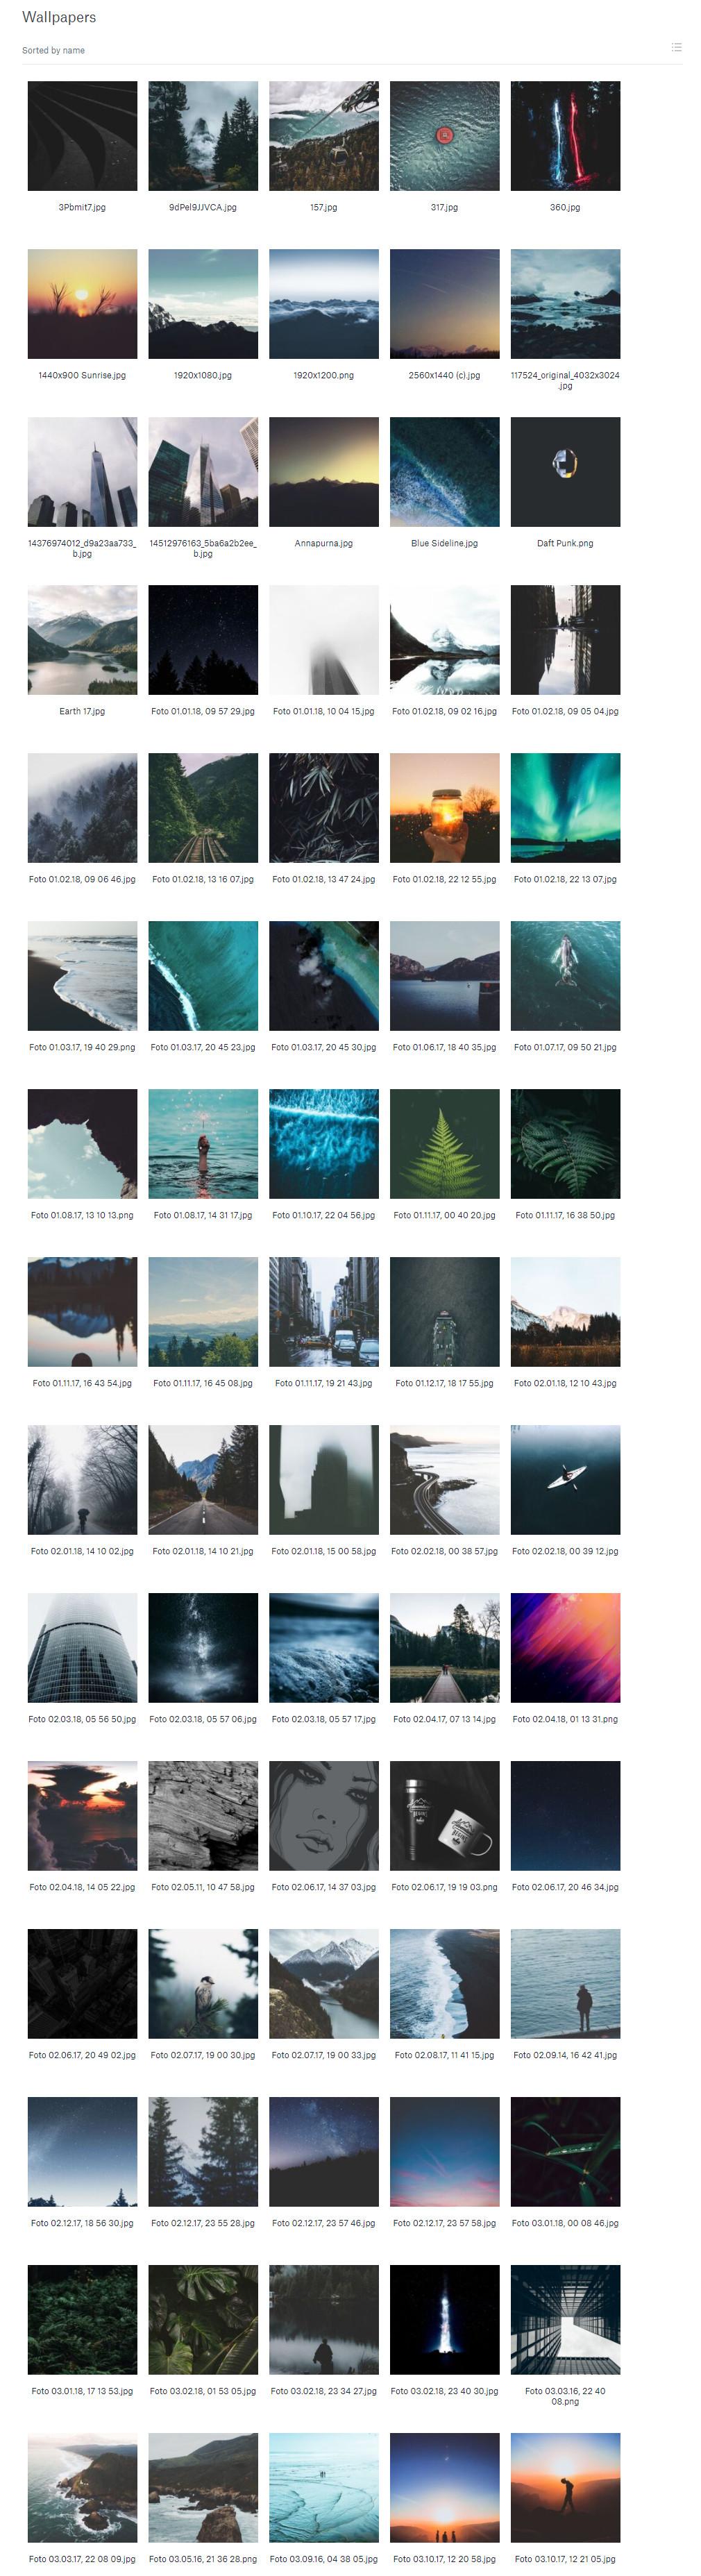 anh nen ios android - Mời tải về hơn 600 ảnh nền rất đẹp phong cách cổ điển cho iOS và Android